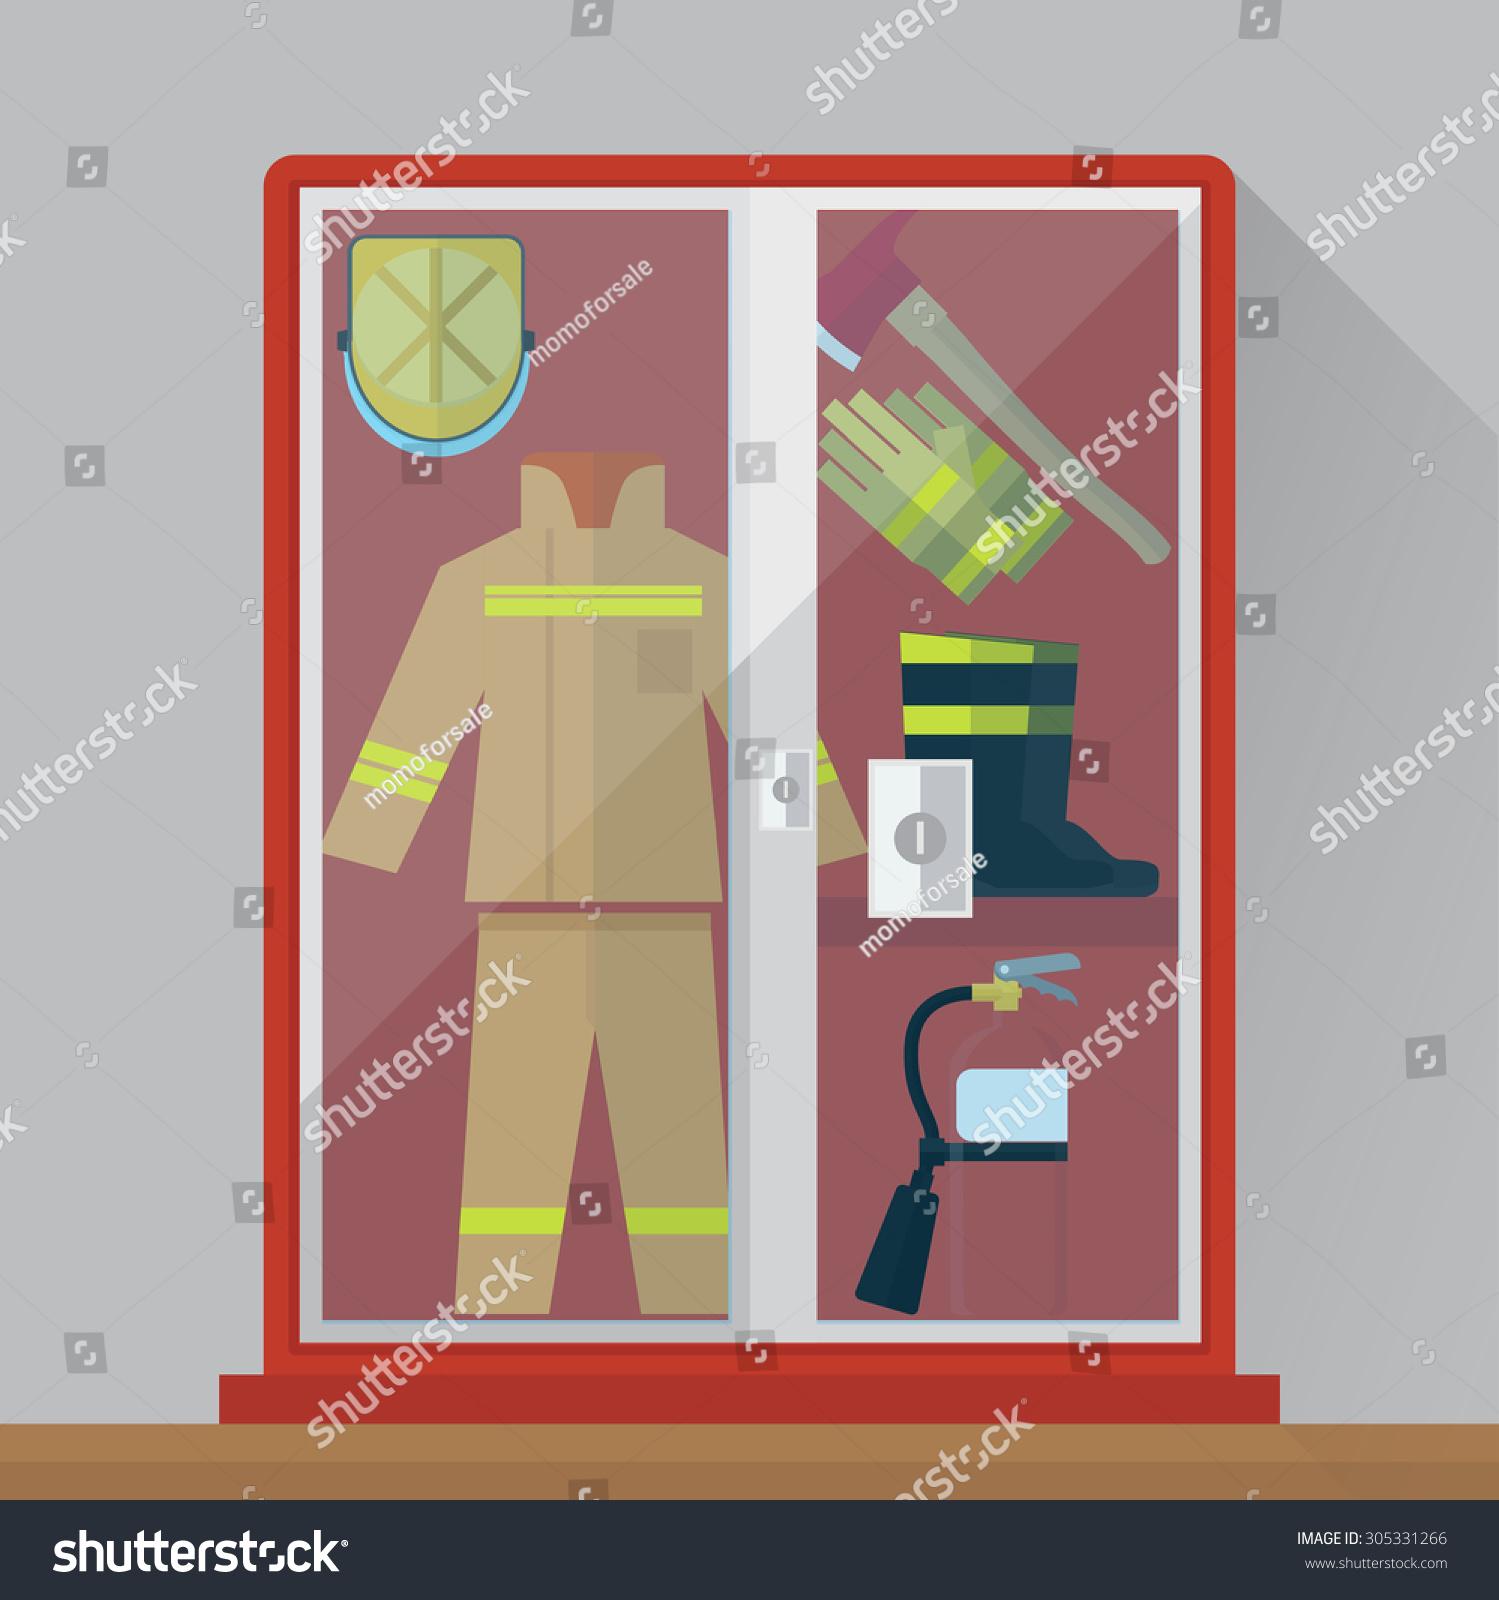 Fire Equipment Cabinet Fire Equipment Cabinet Stock Vector 305331266 Shutterstock